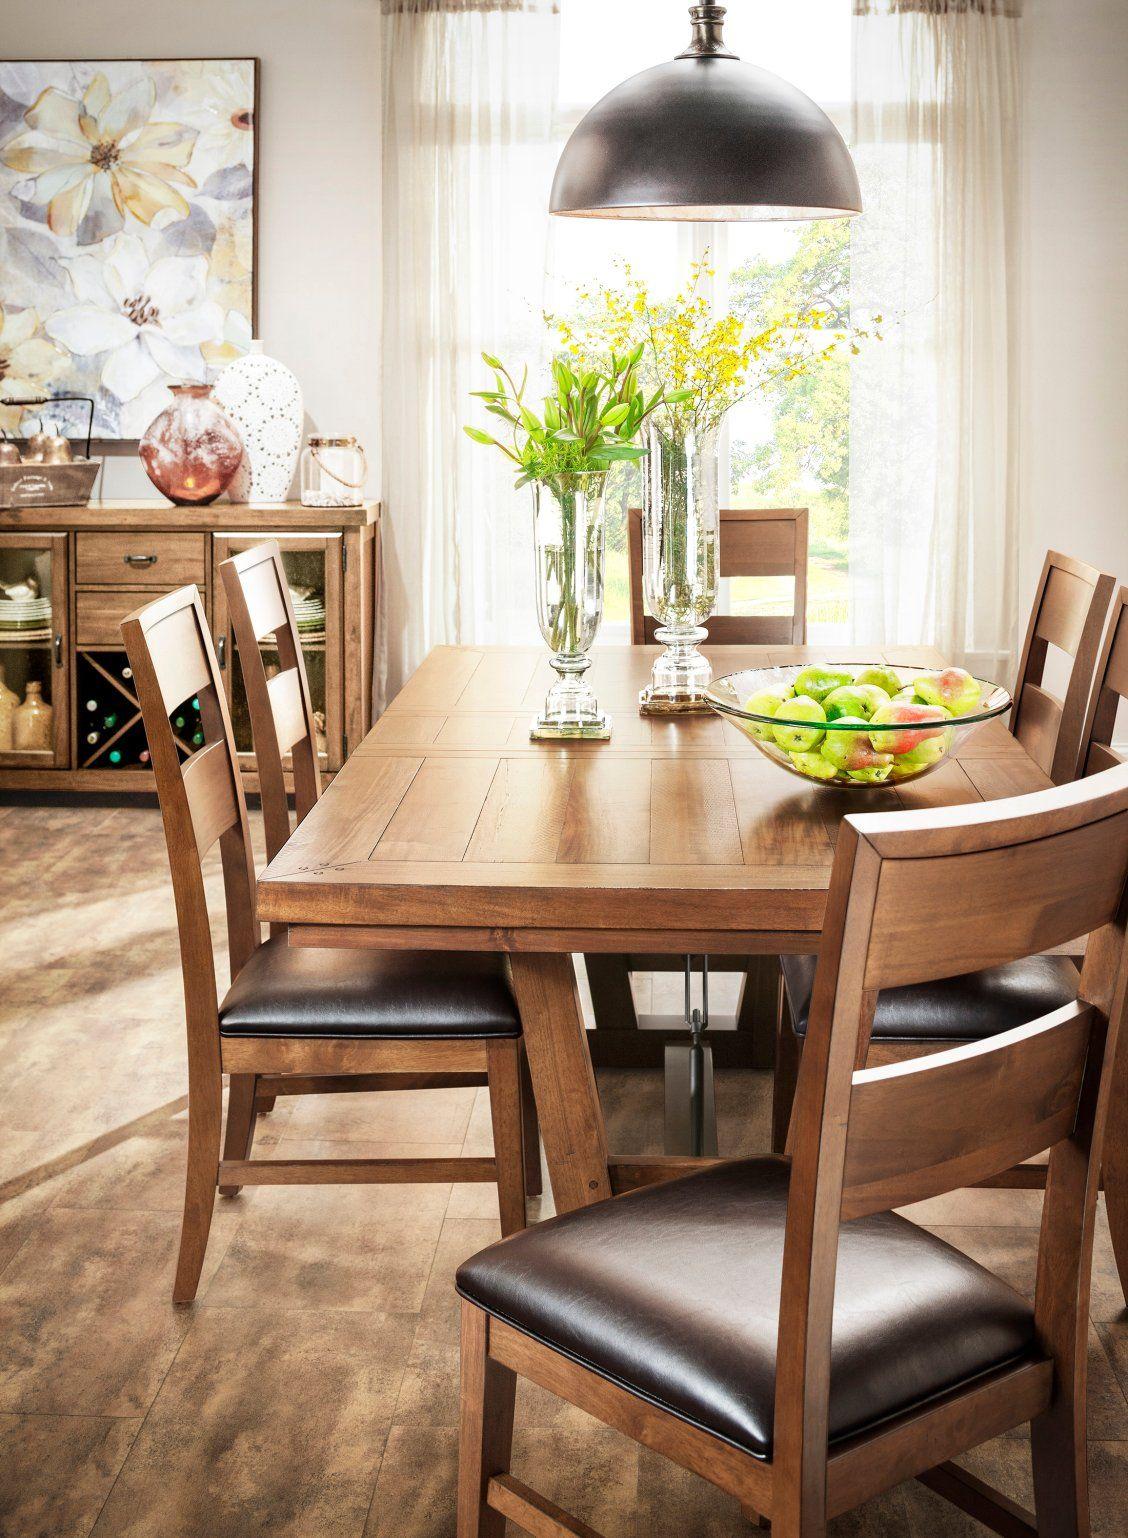 Fenwick 7 Pc Dining Set